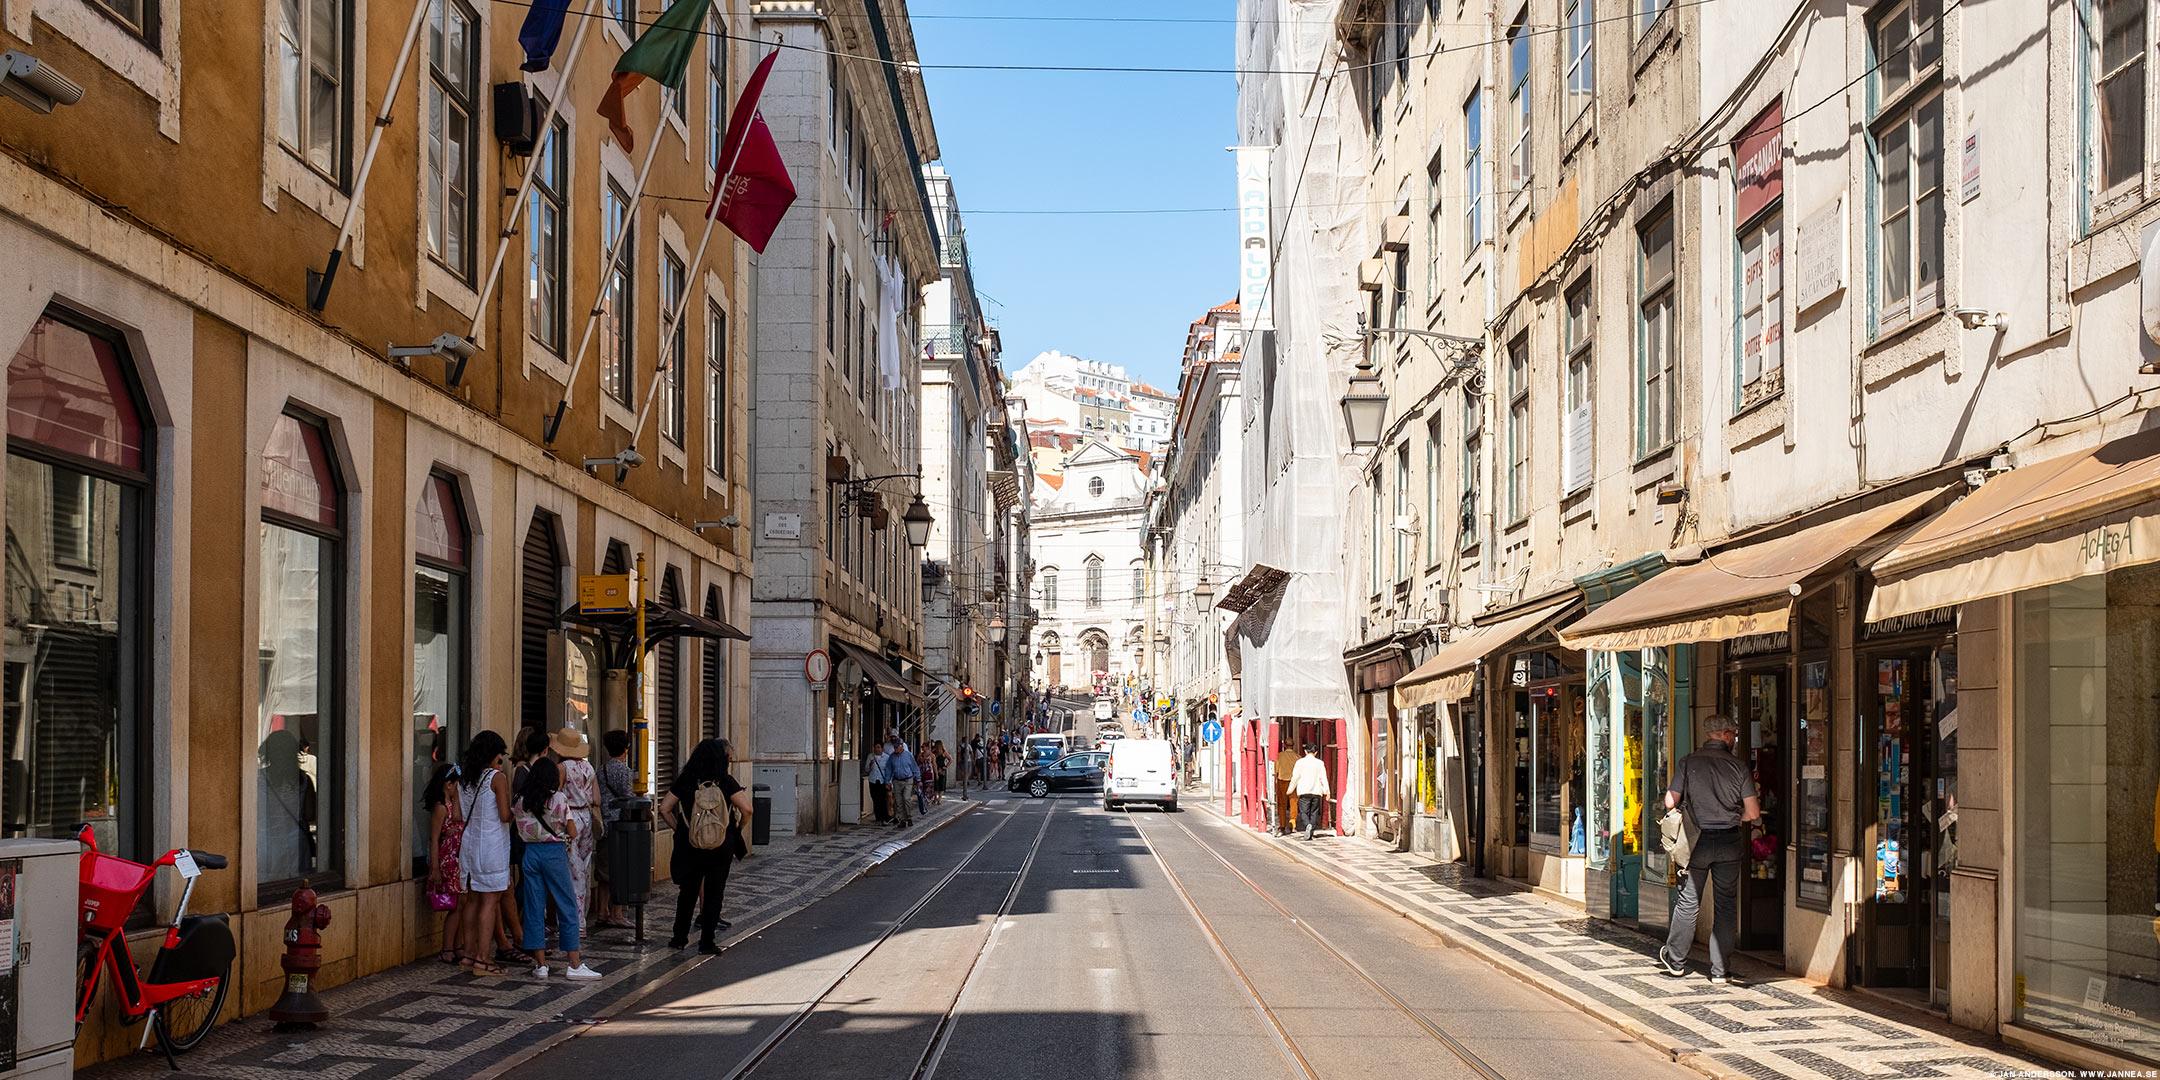 Rua da Conceição i Lissabon, Portugal |©Jan Andersson